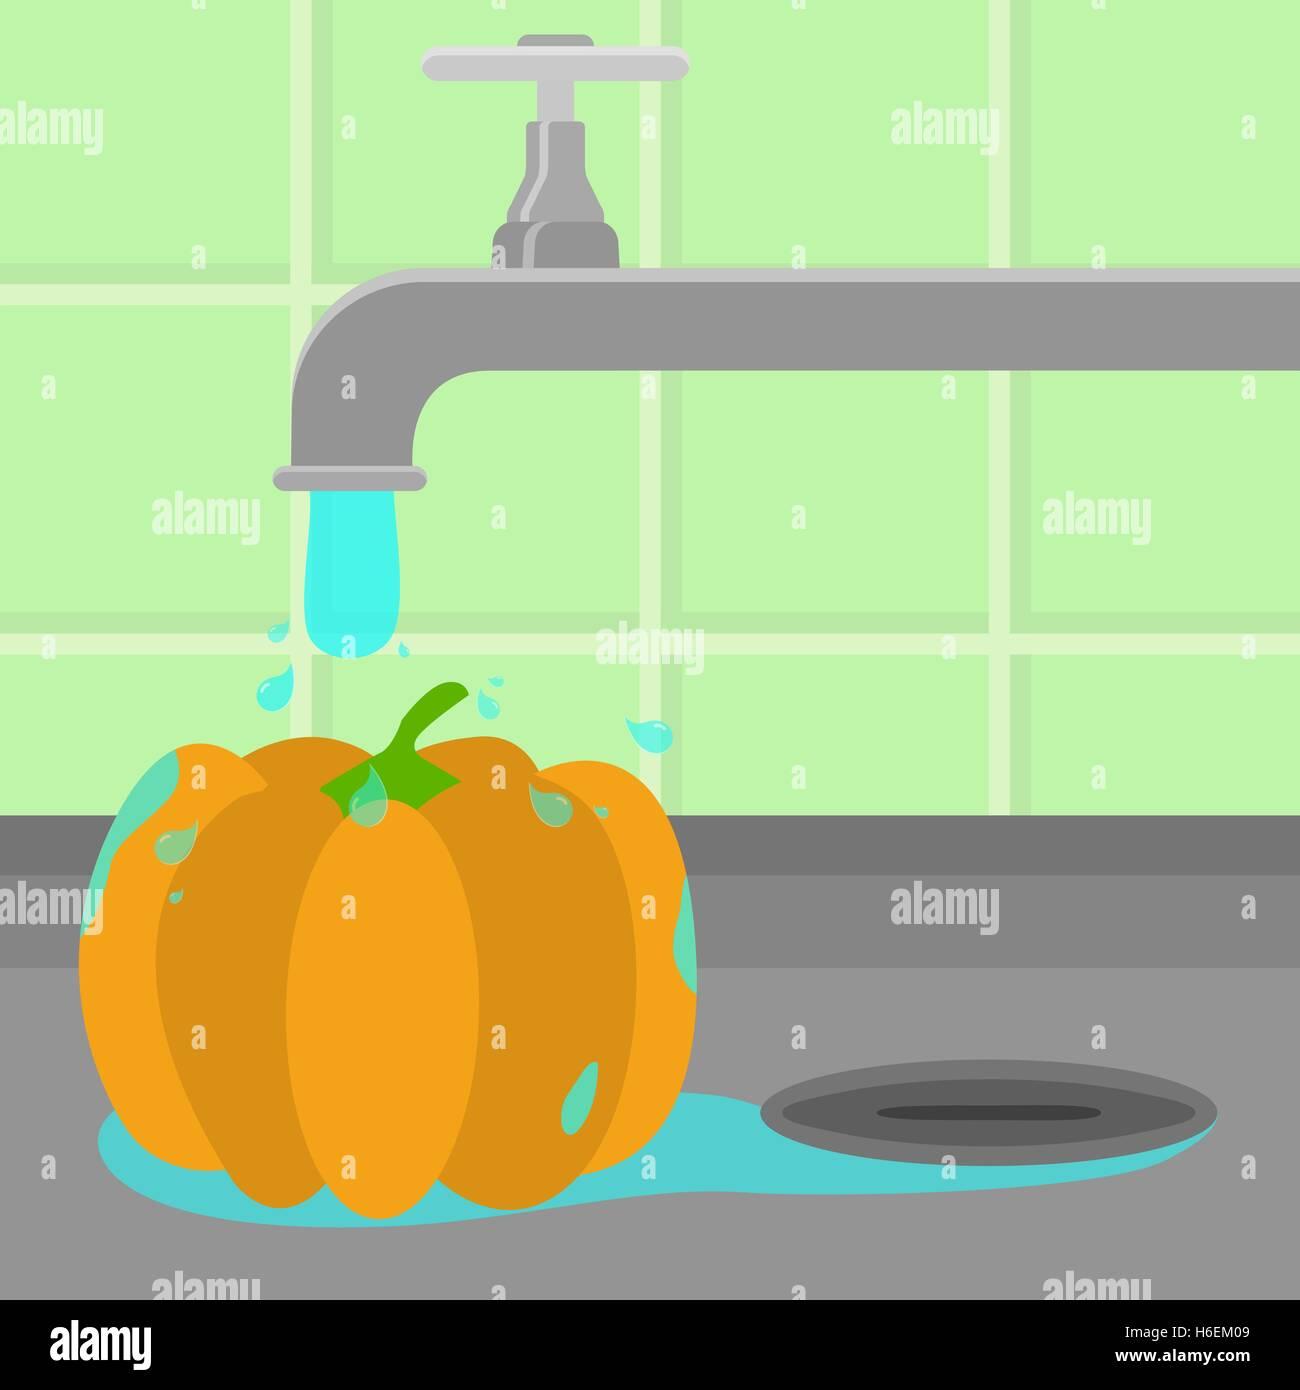 Pumpkin étant nettoyé et lavé dans un évier dans une cuisine. L'eau courante. Photo Stock